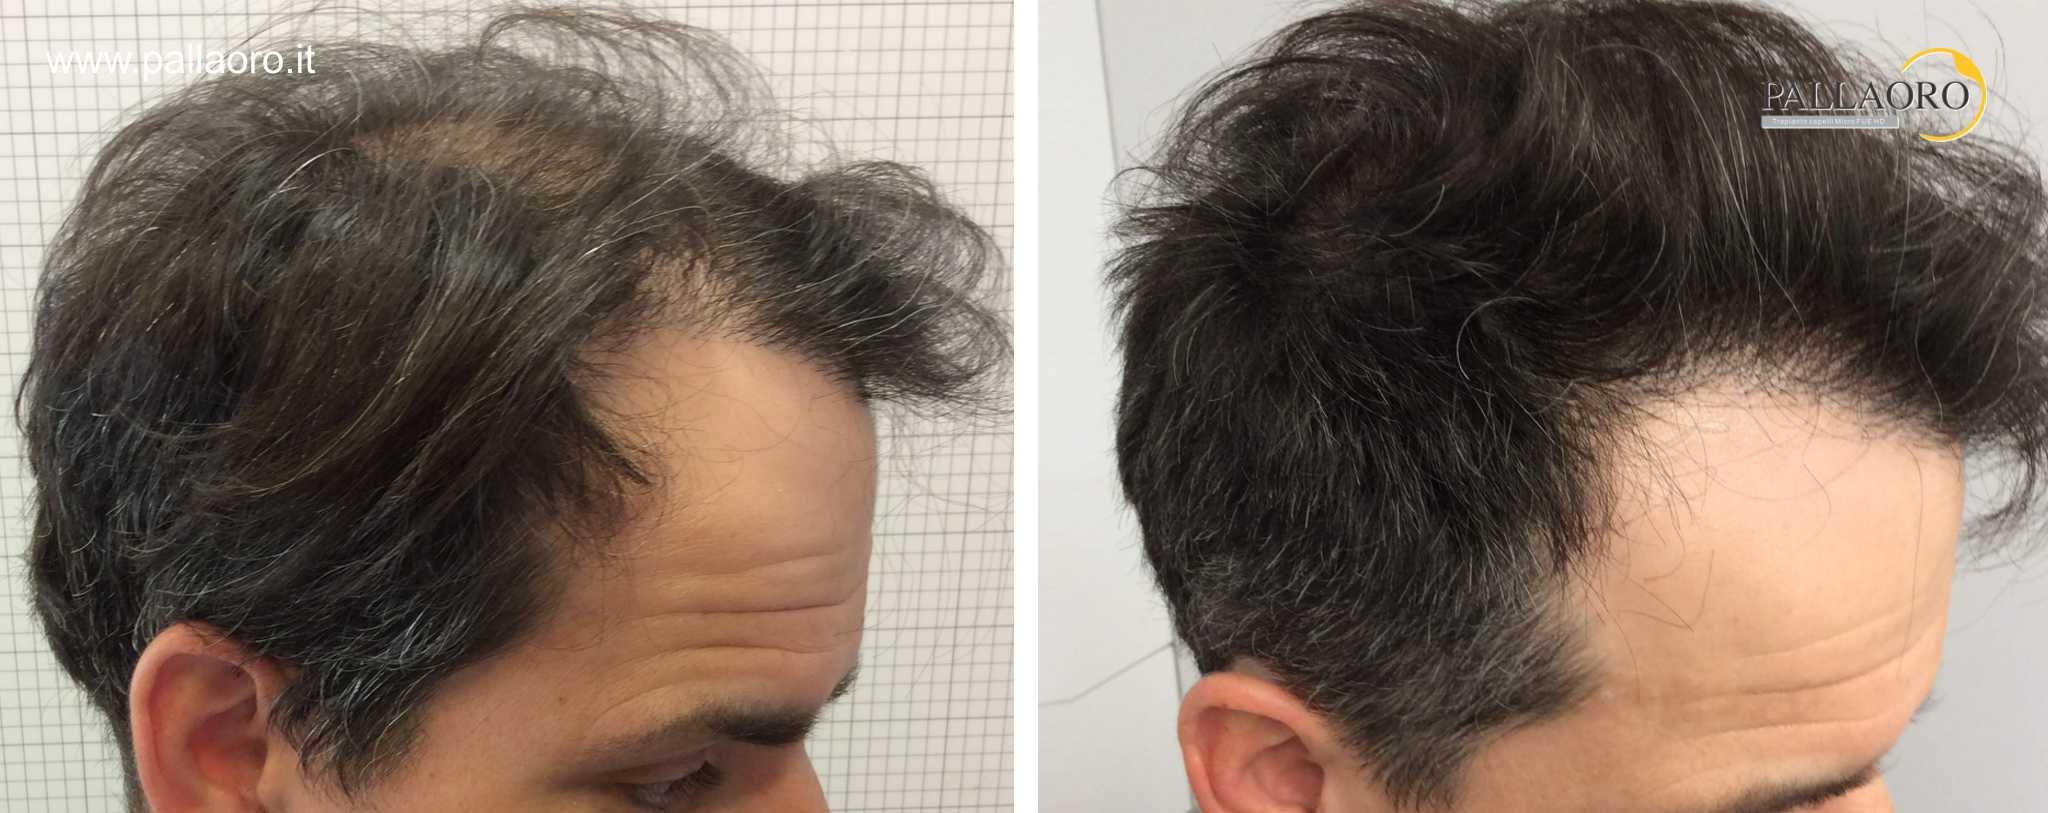 trapianto capelli 01061